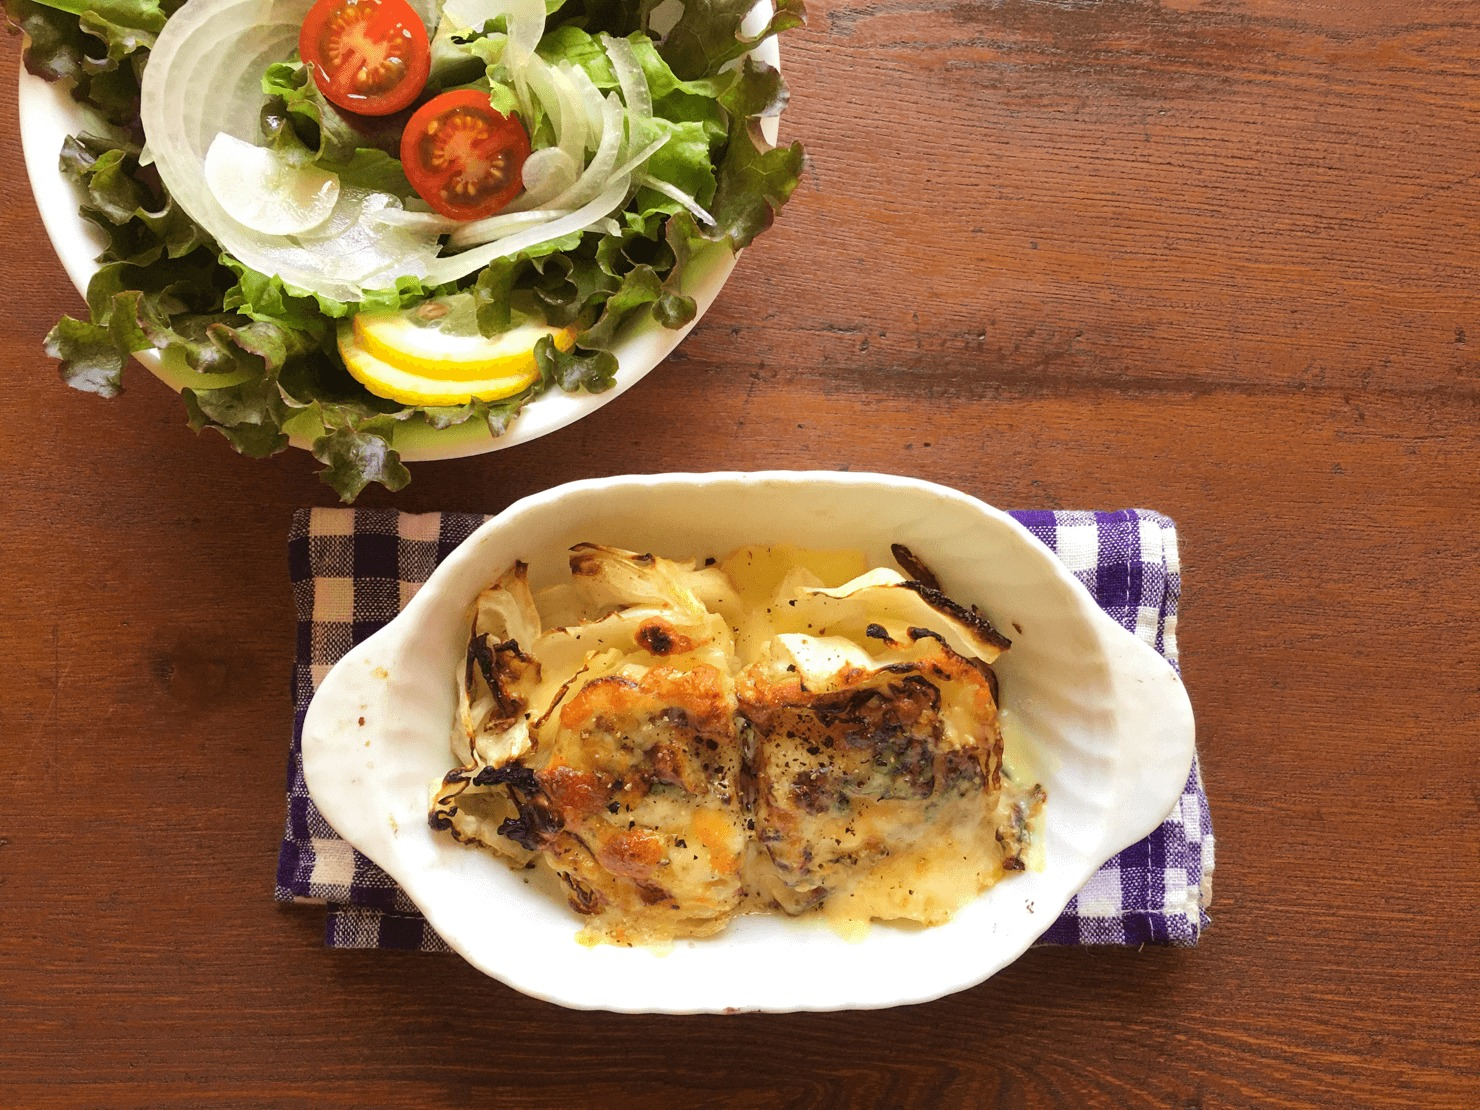 フライパンと魚焼きグリルで作るキャベツステーキの写真